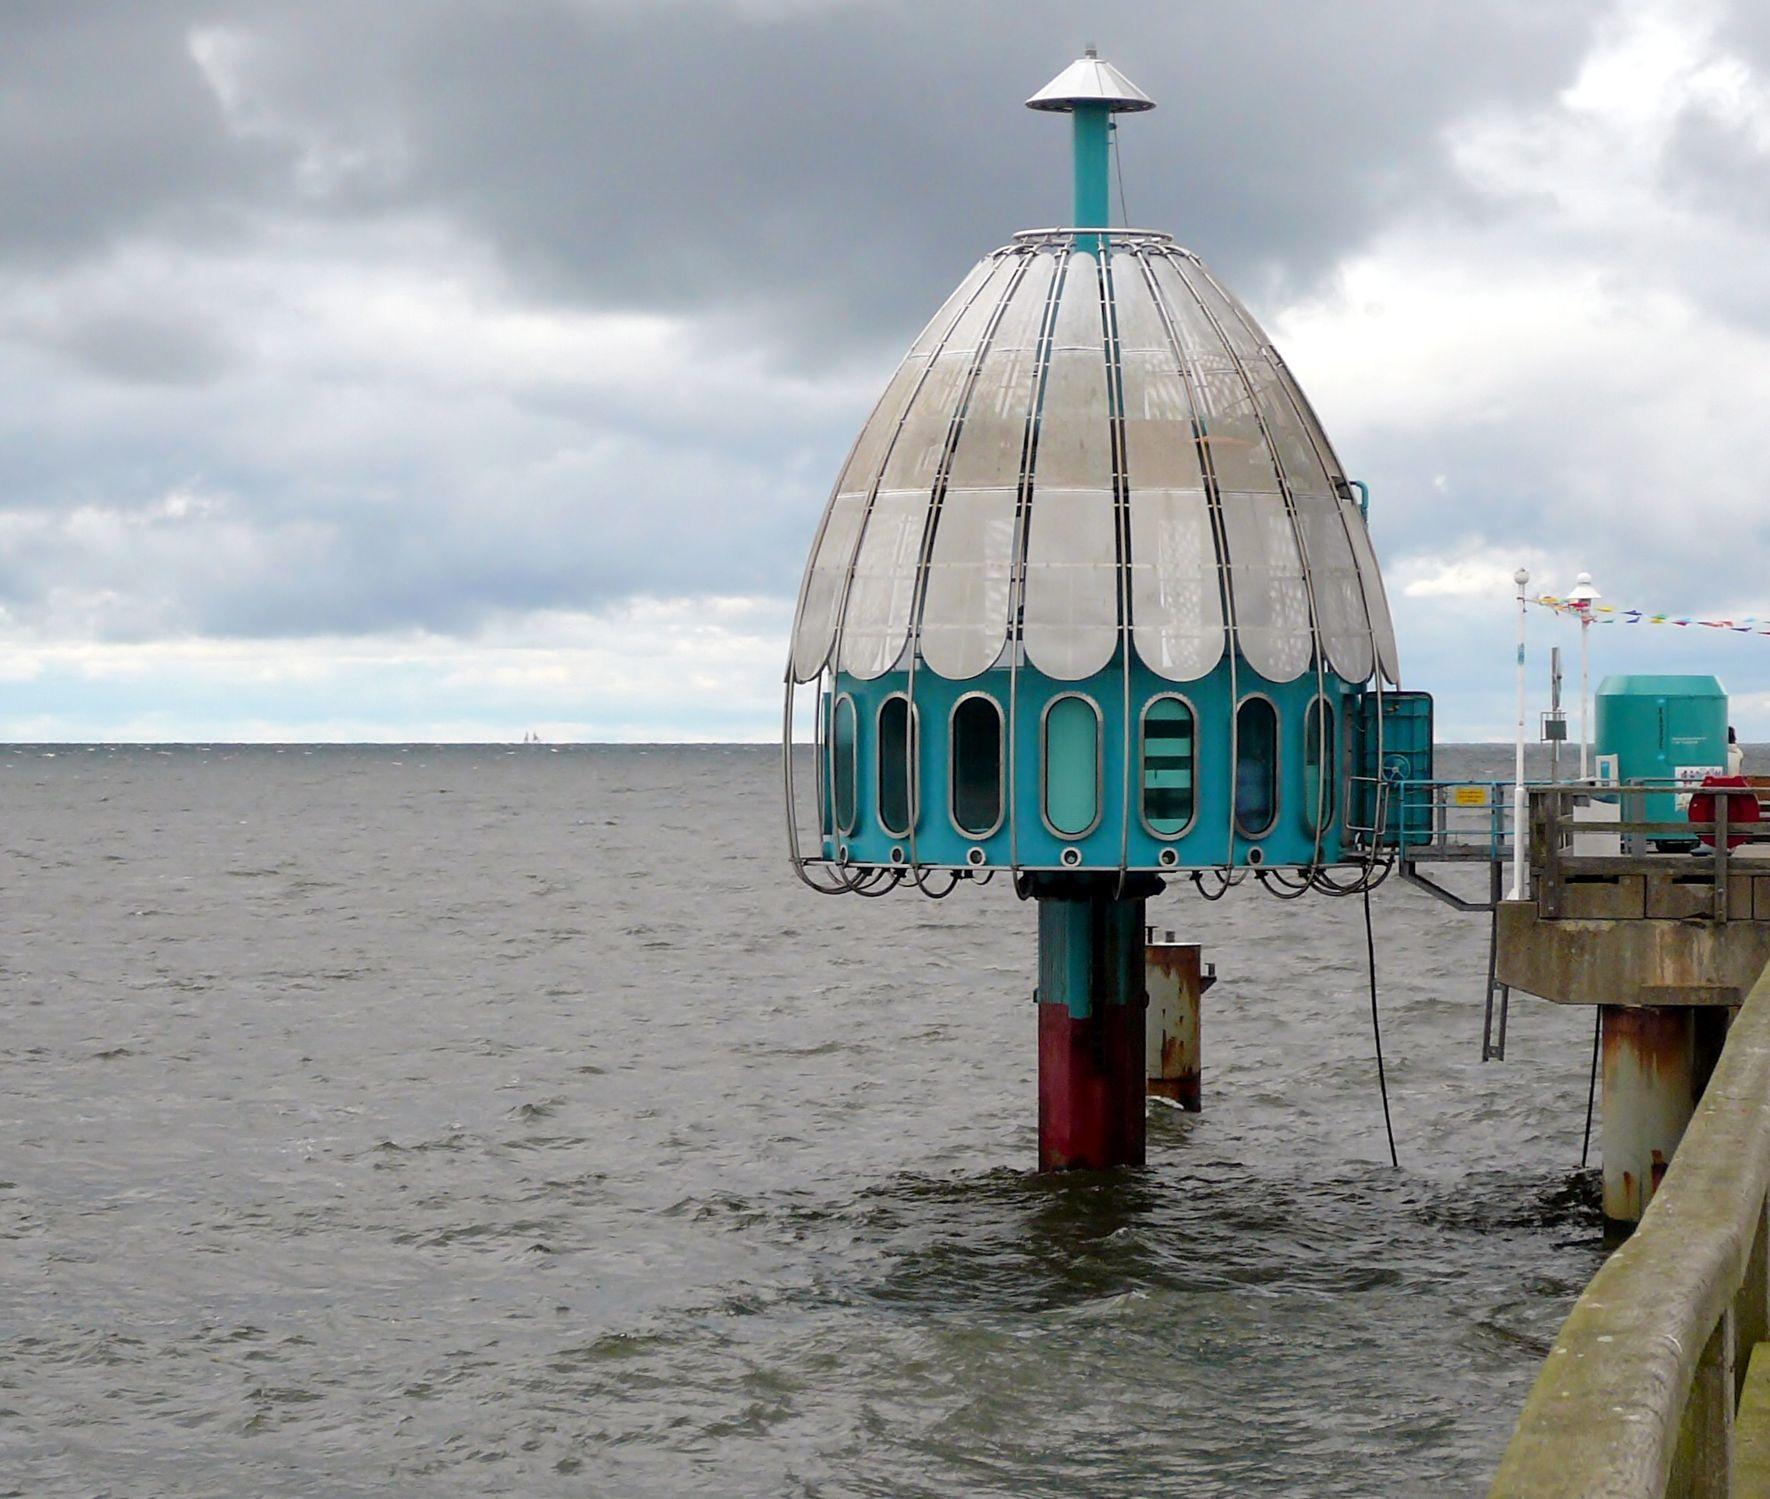 Bild mit Wasser, Ostsee, Insel, Usedom, Usedom, Küste, bauwerk, Mecklenburg, Vorpommern, Taucherglocke, tauchen